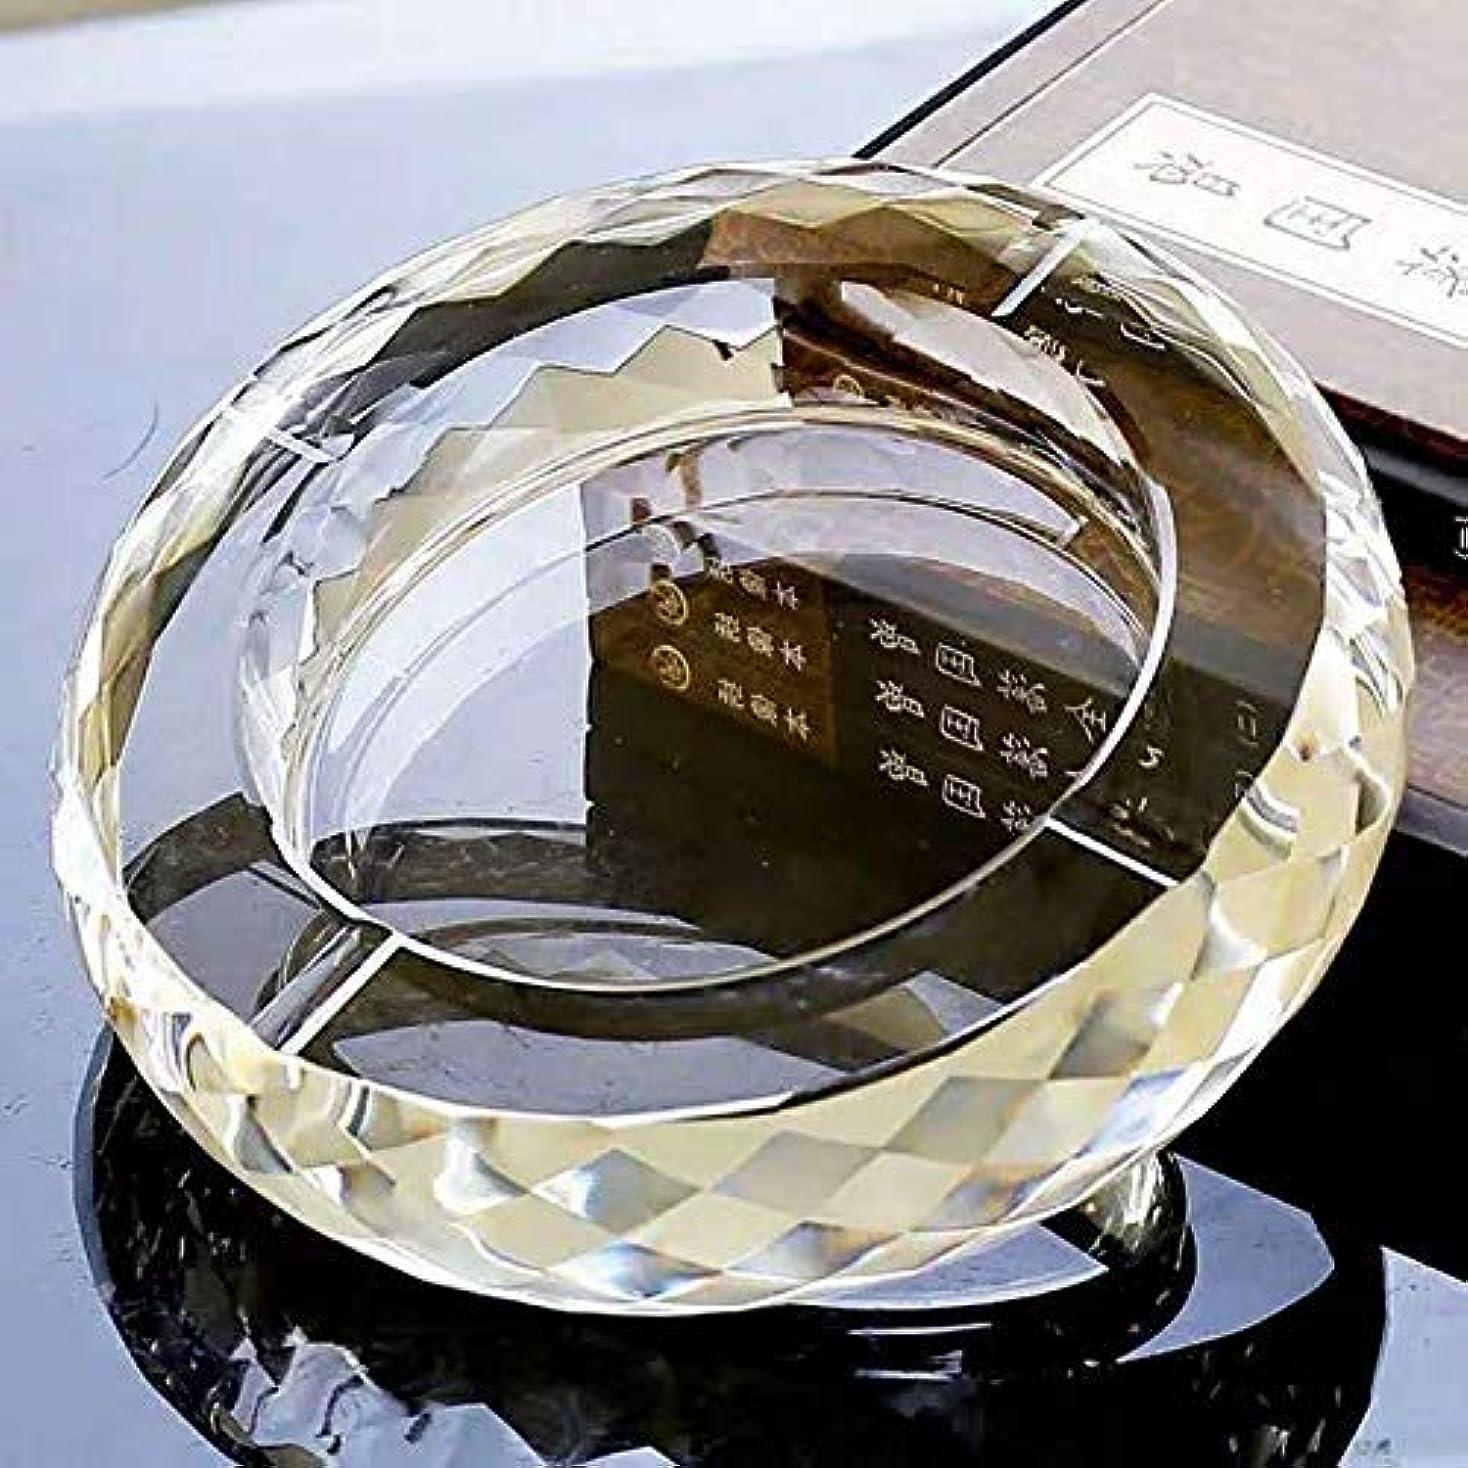 うねる断線分散K9クリスタル灰皿、テーブル用のエレガントな灰皿、屋外用の透明度の高い灰皿、小売パッケージ付きの新築祝いギフト(多角形)